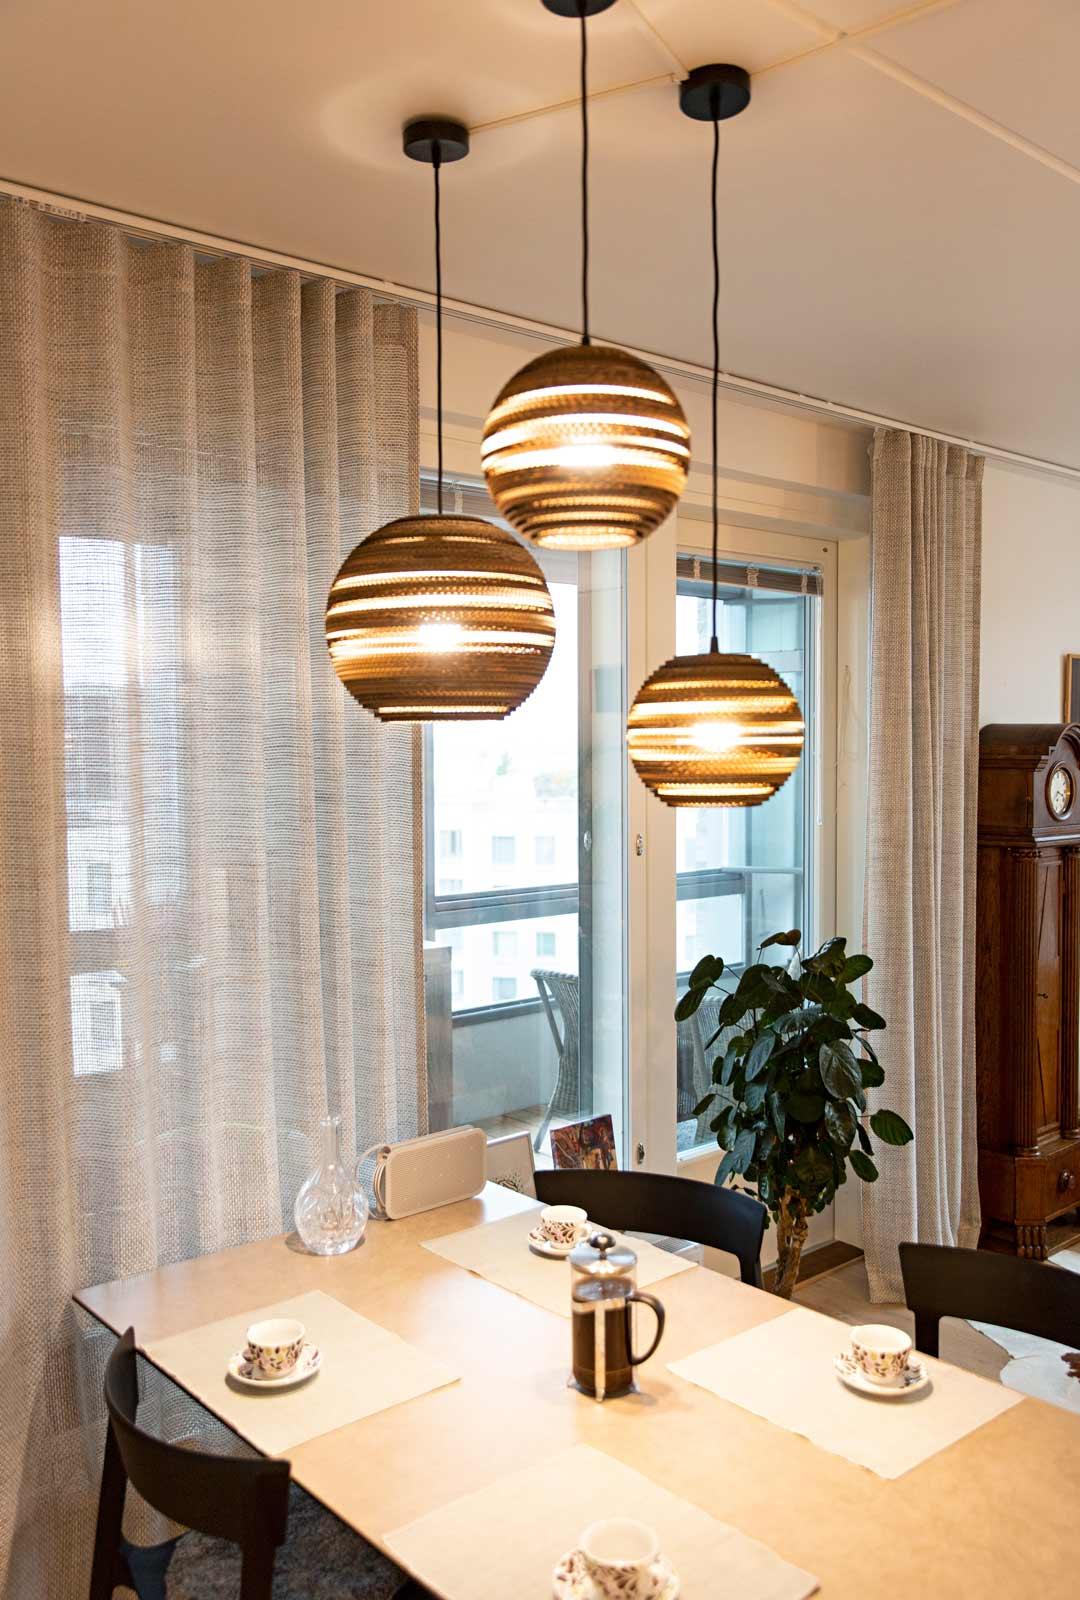 Kodin sisustus on moderni, valoisa ja pelkistetty, sillä omakotitalosta muuttaminen karsi tavaroita.